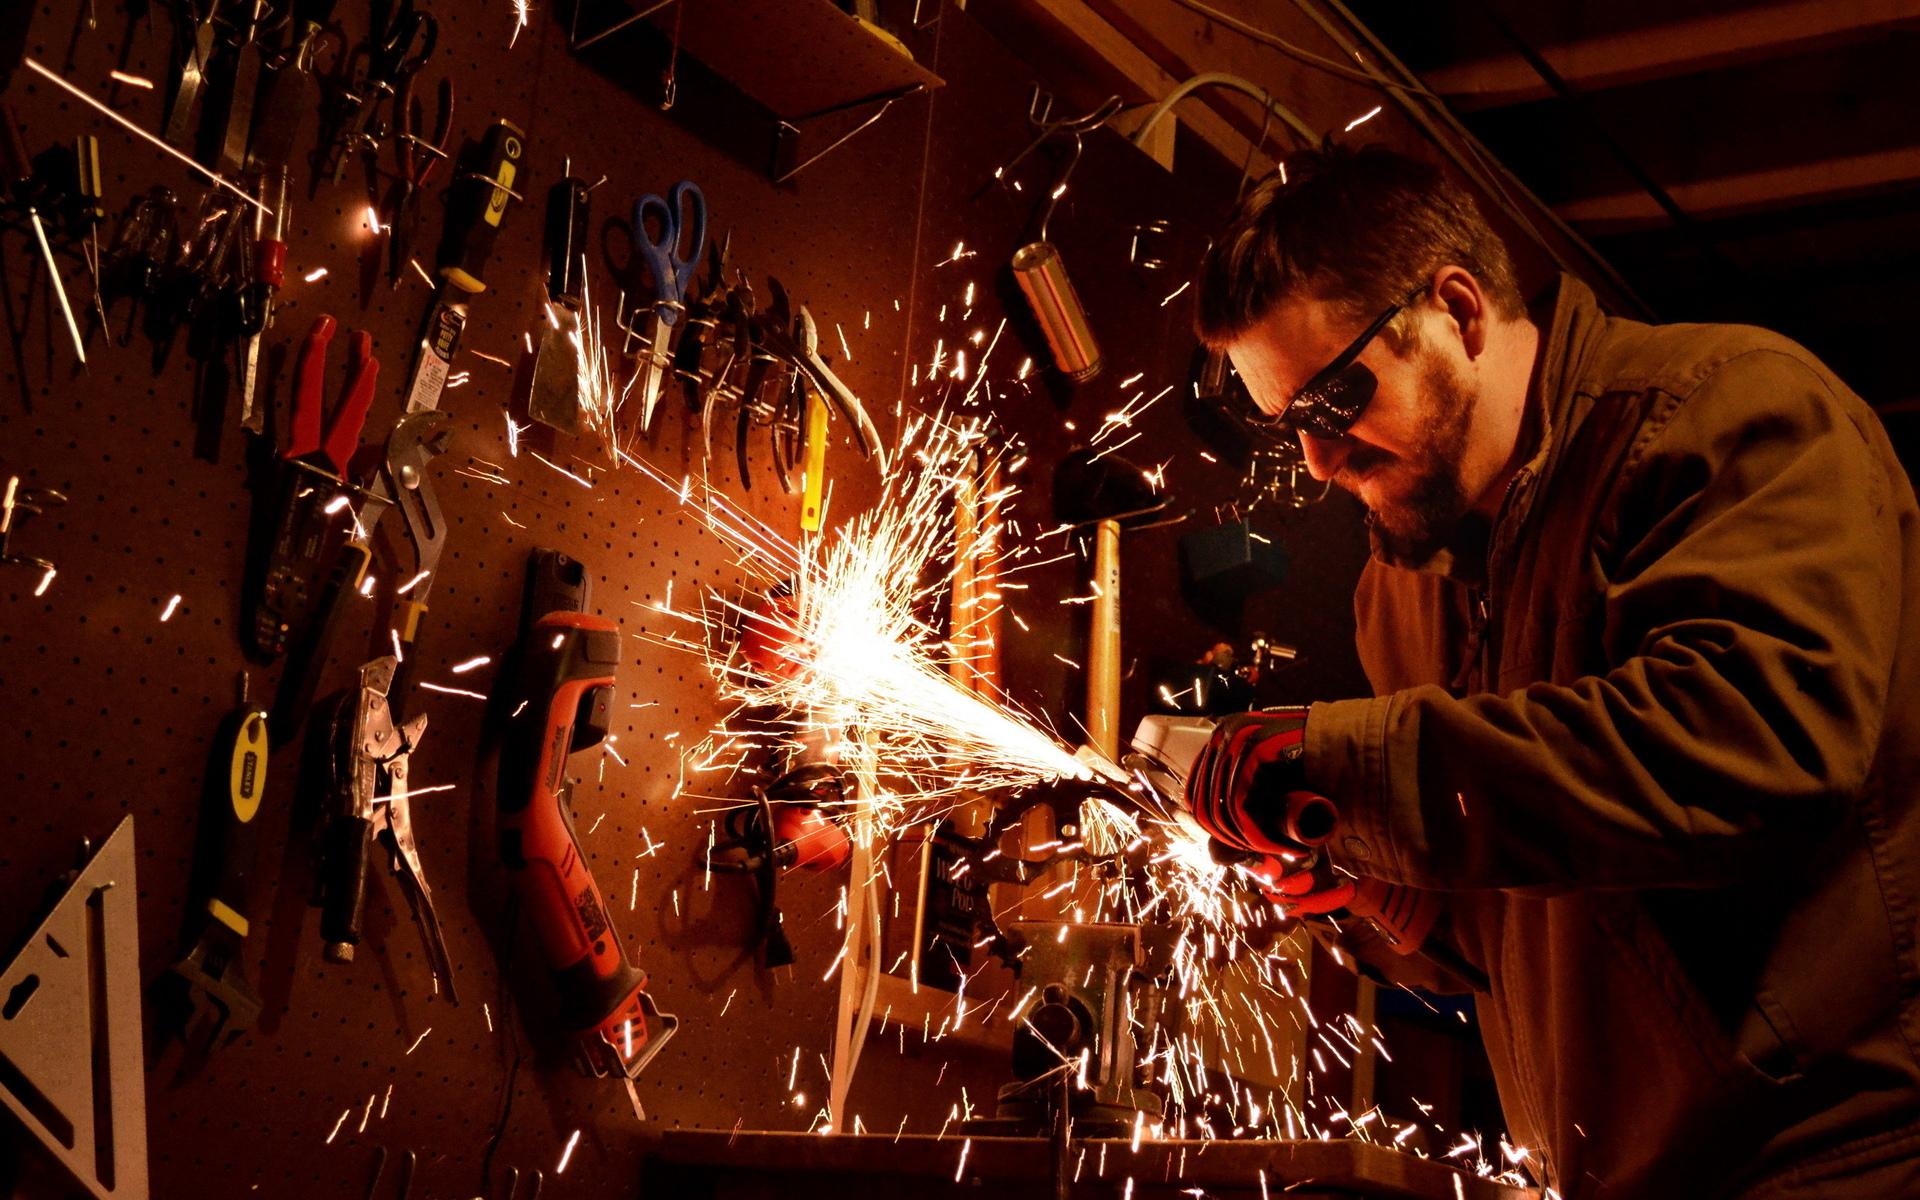 Электронное зажигание для бензопил: проверка работоспособности, самостоятельный ремонт.